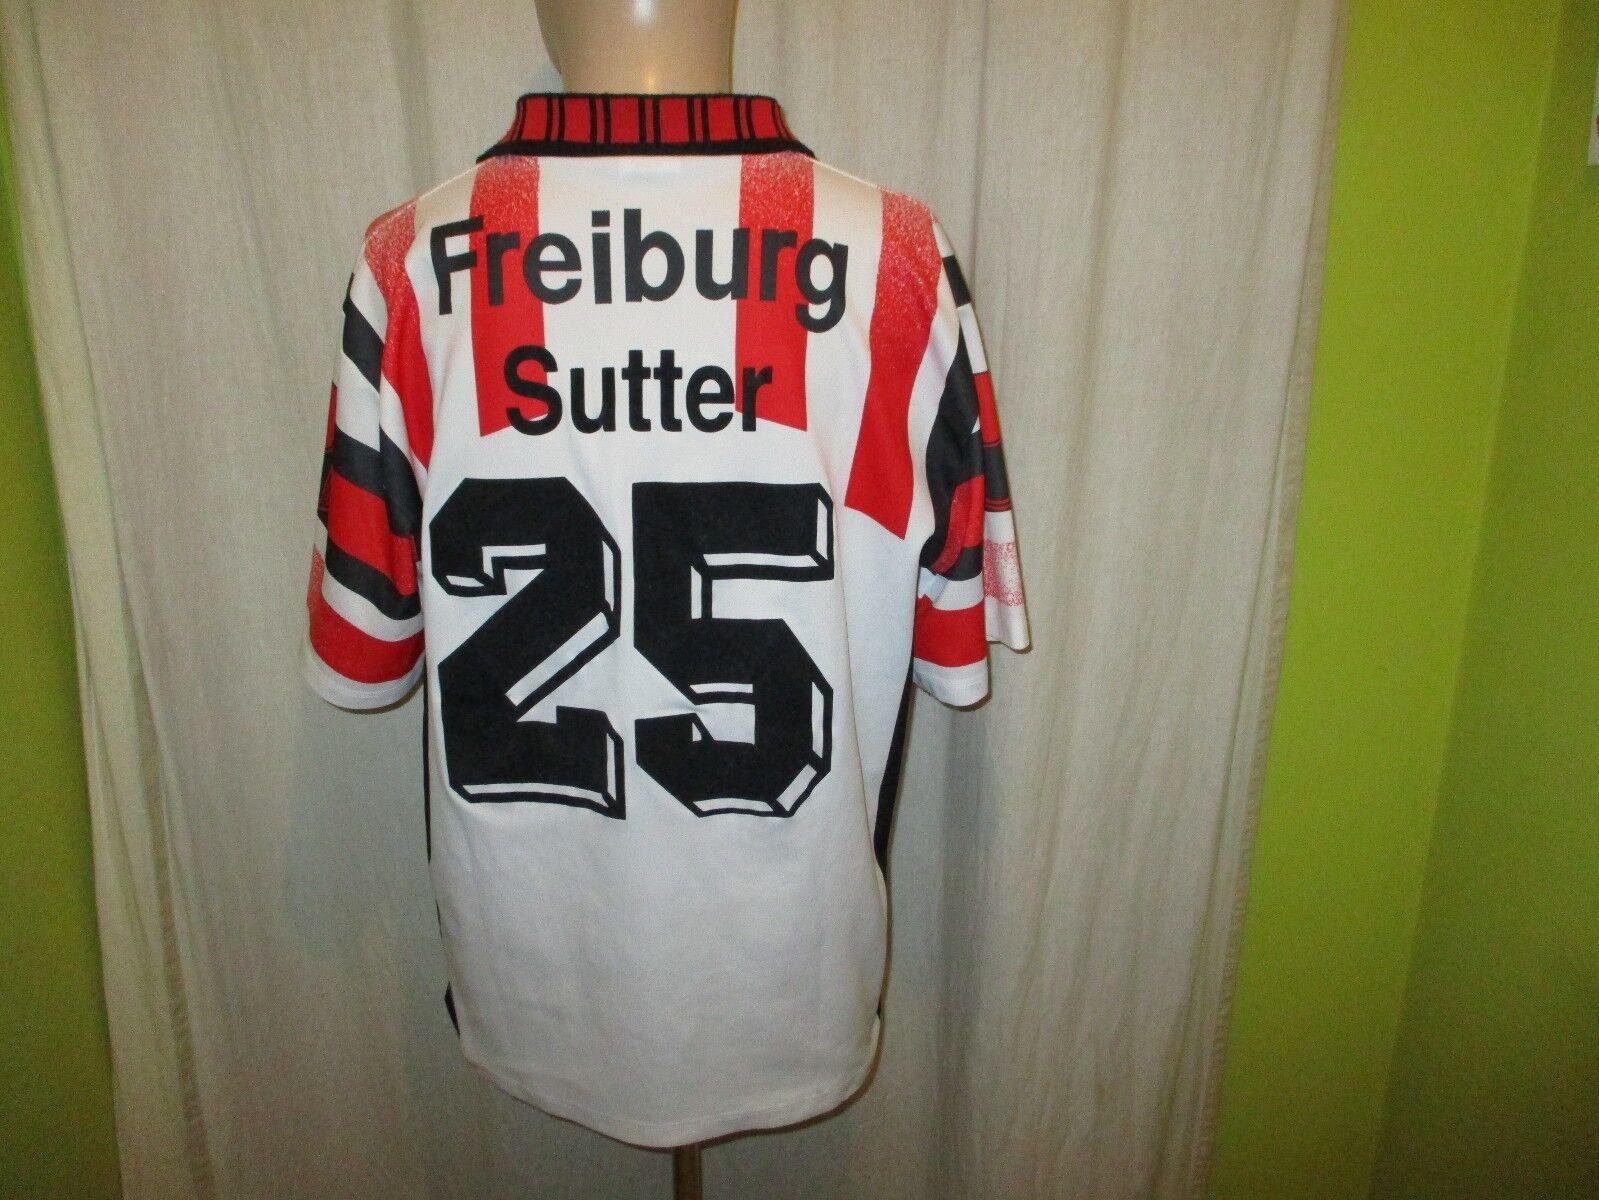 SC Freiburg uhlsport Matchworn Trikot 1995 96  zehnder  + Nr.25 Sutter Gr.XL  | Die Königin Der Qualität